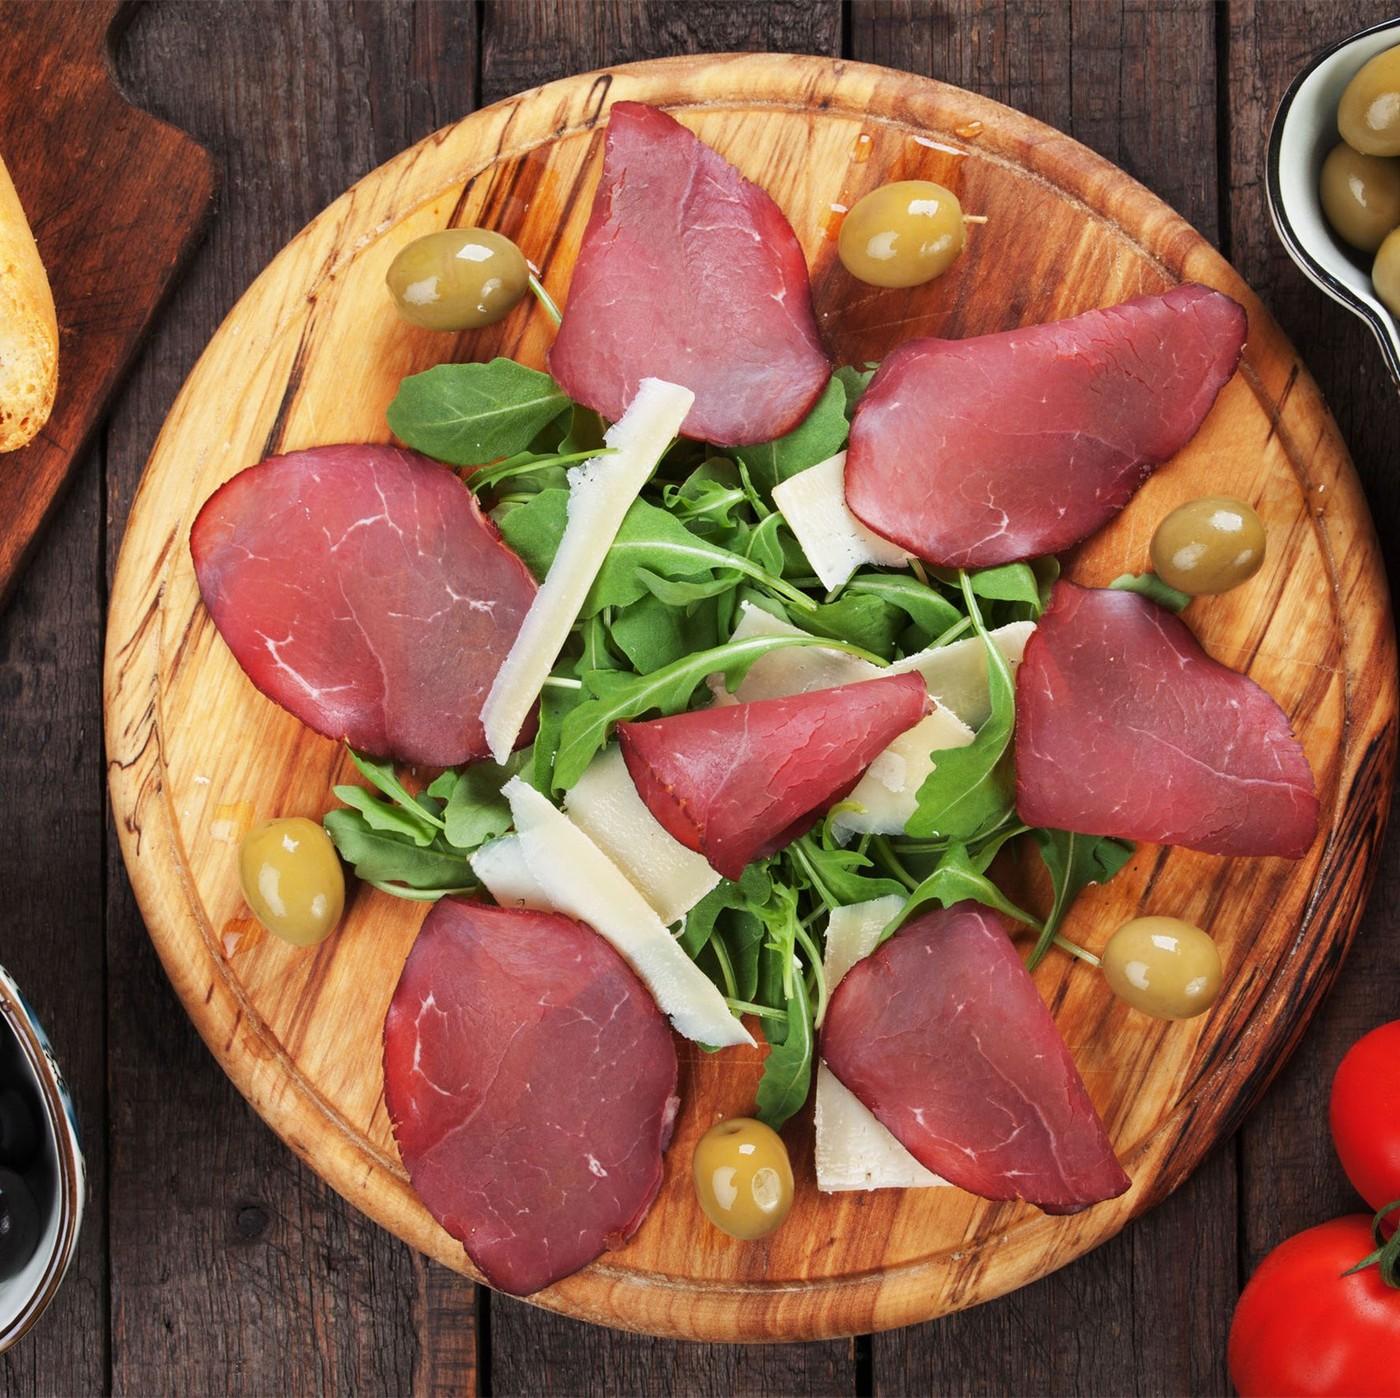 receta de Bresaola Punta D´anca Della Valtellina I.G.P. Solfiore